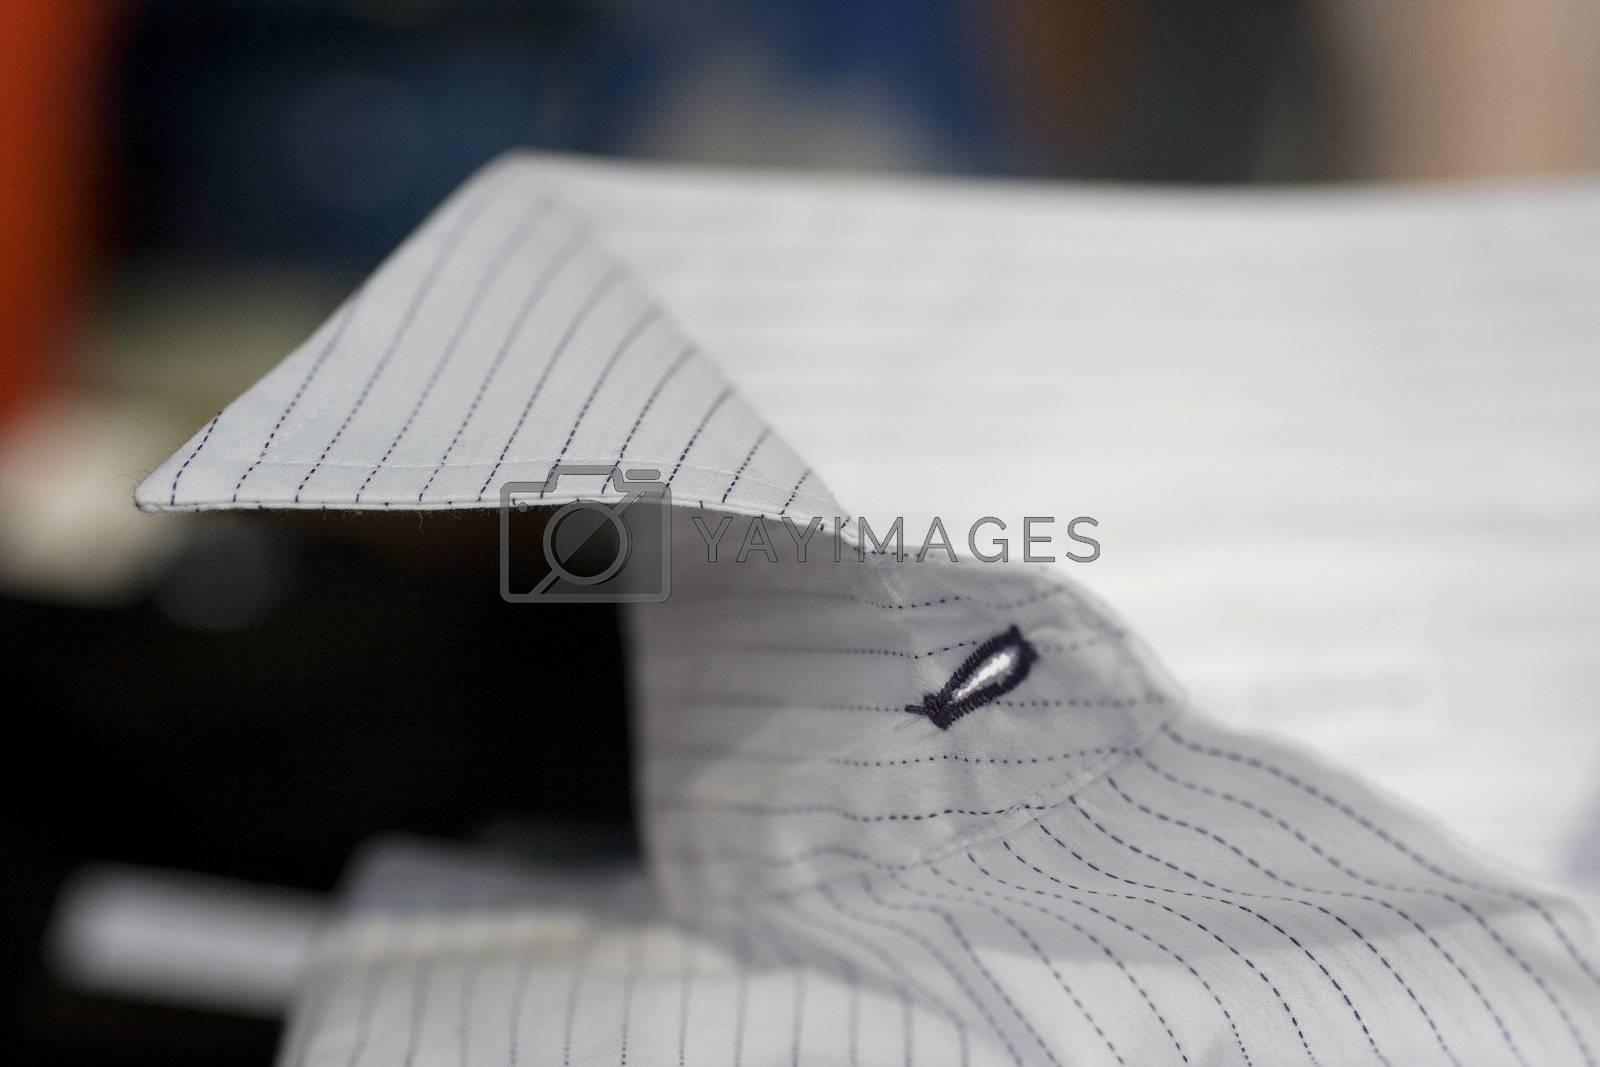 clothing of white dress shirt